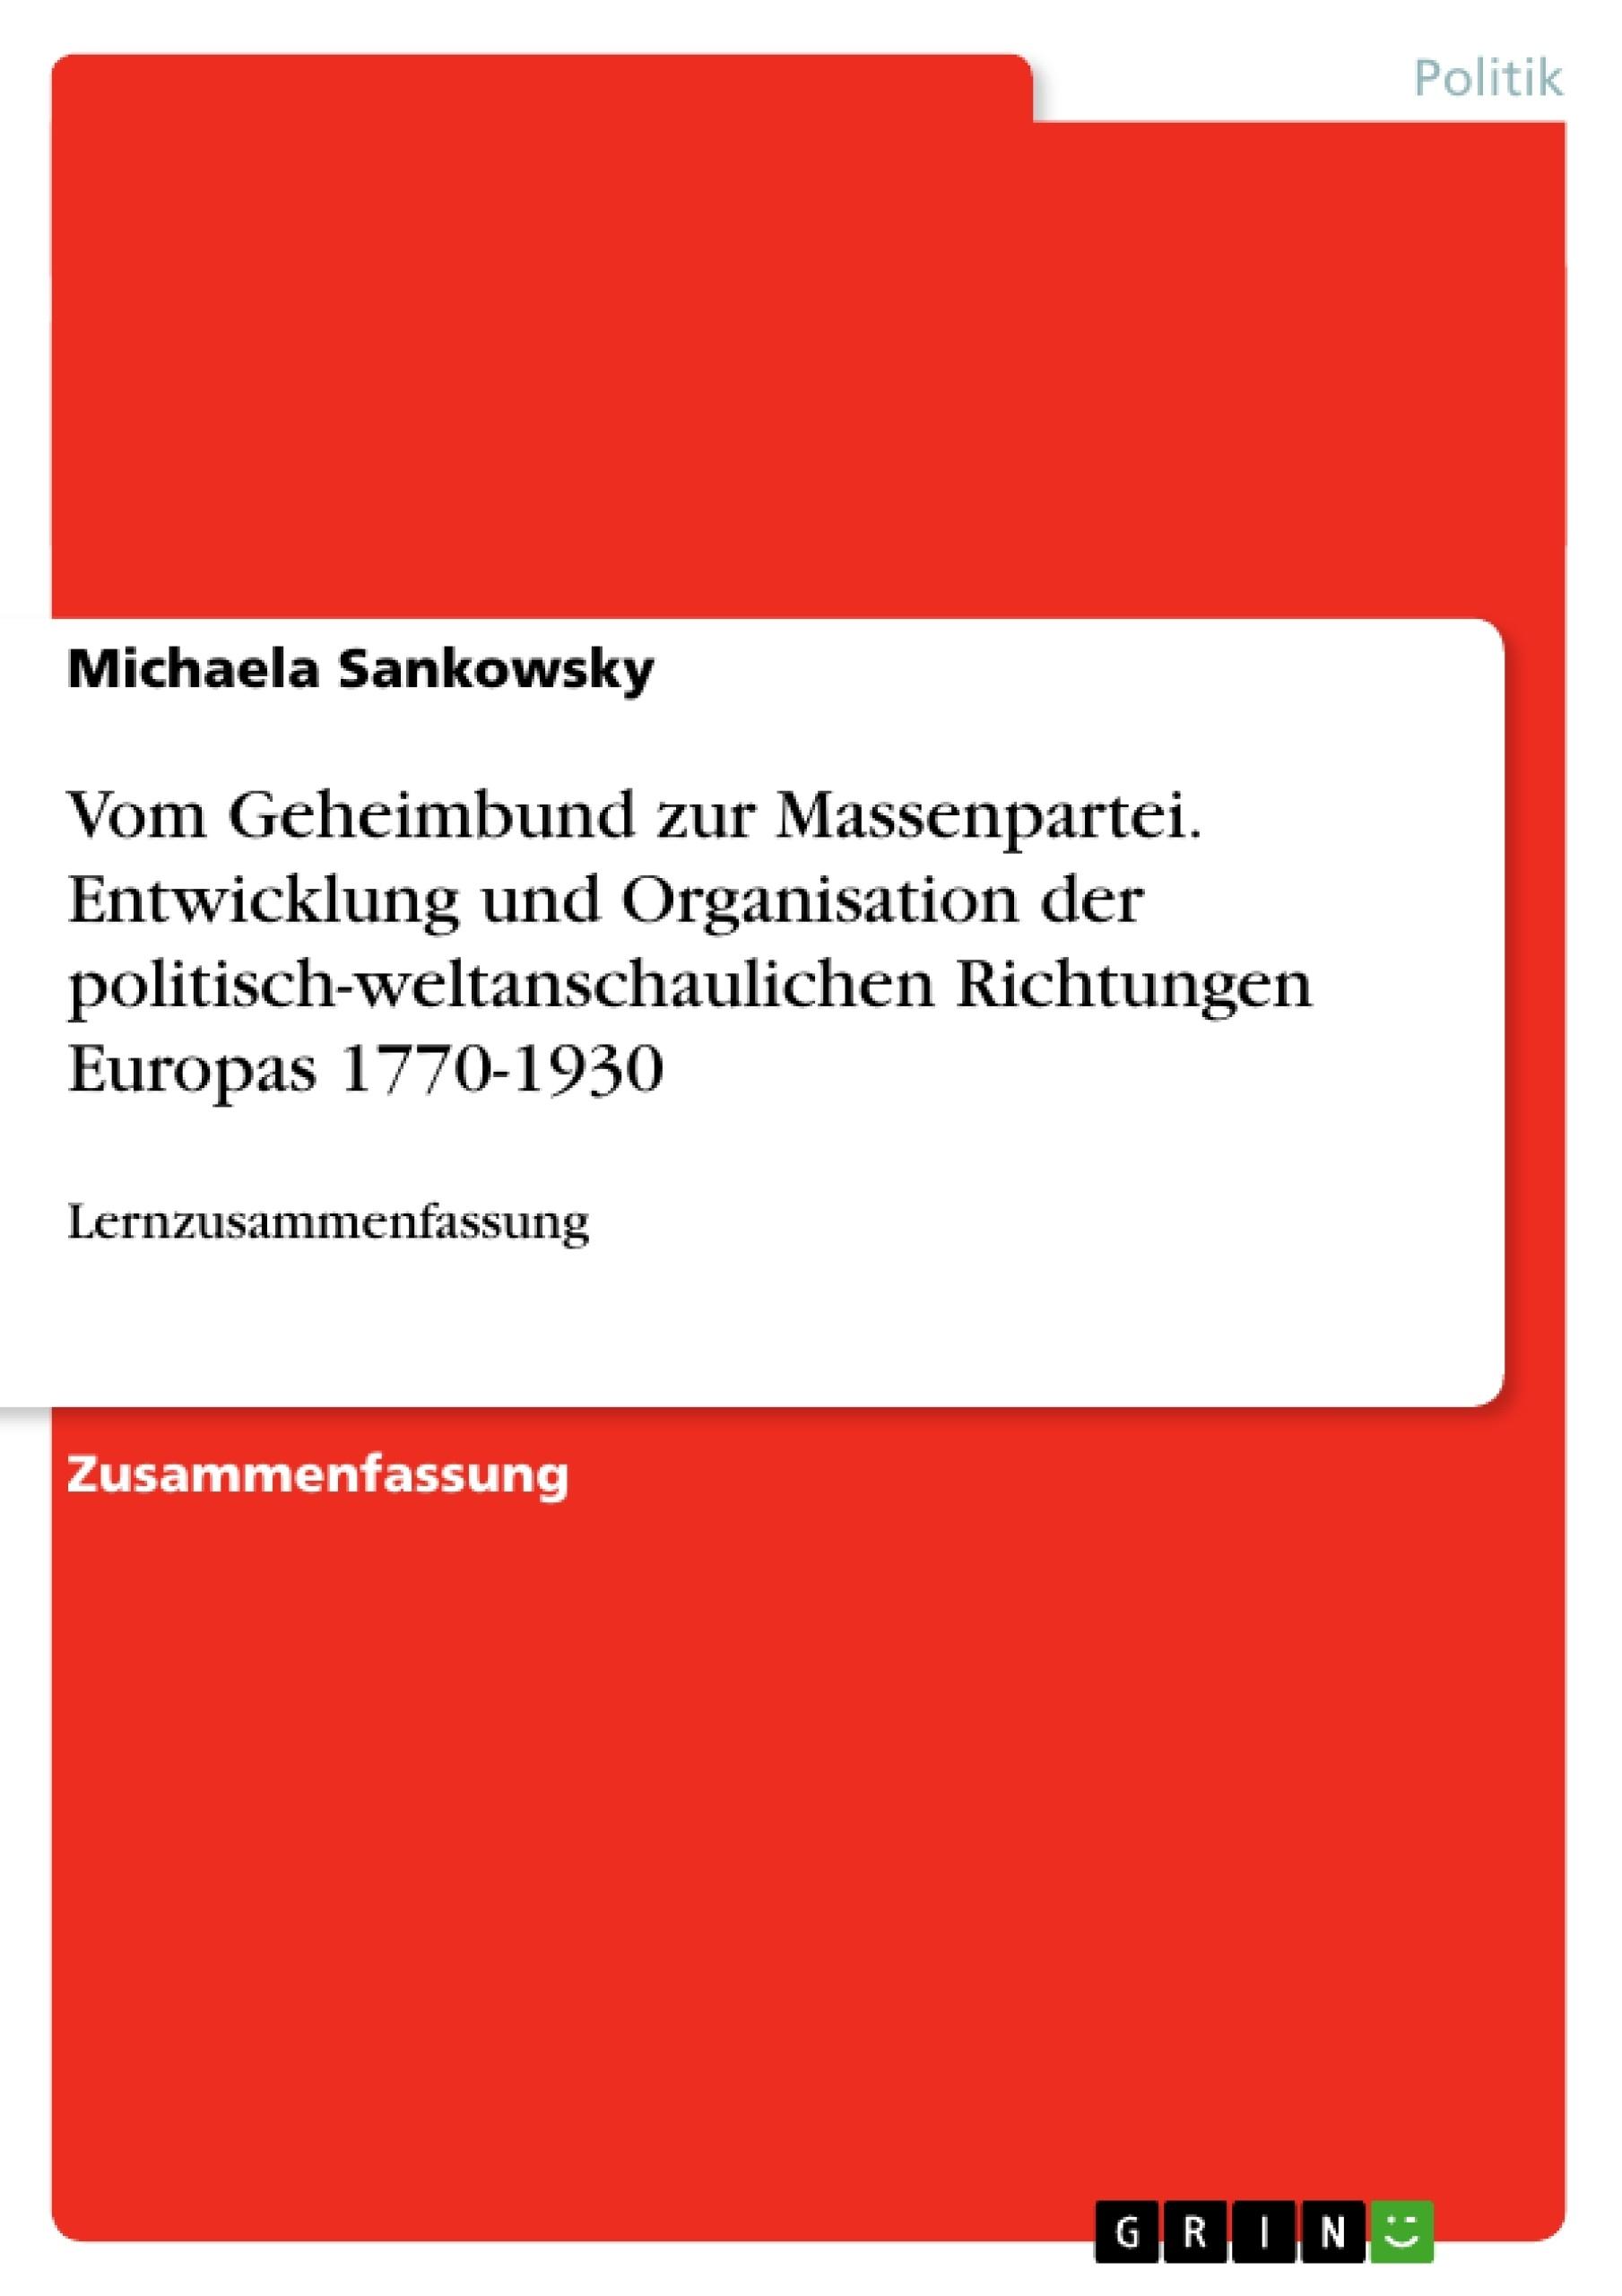 Titel: Vom Geheimbund zur Massenpartei. Entwicklung und Organisation der politisch-weltanschaulichen Richtungen Europas 1770-1930